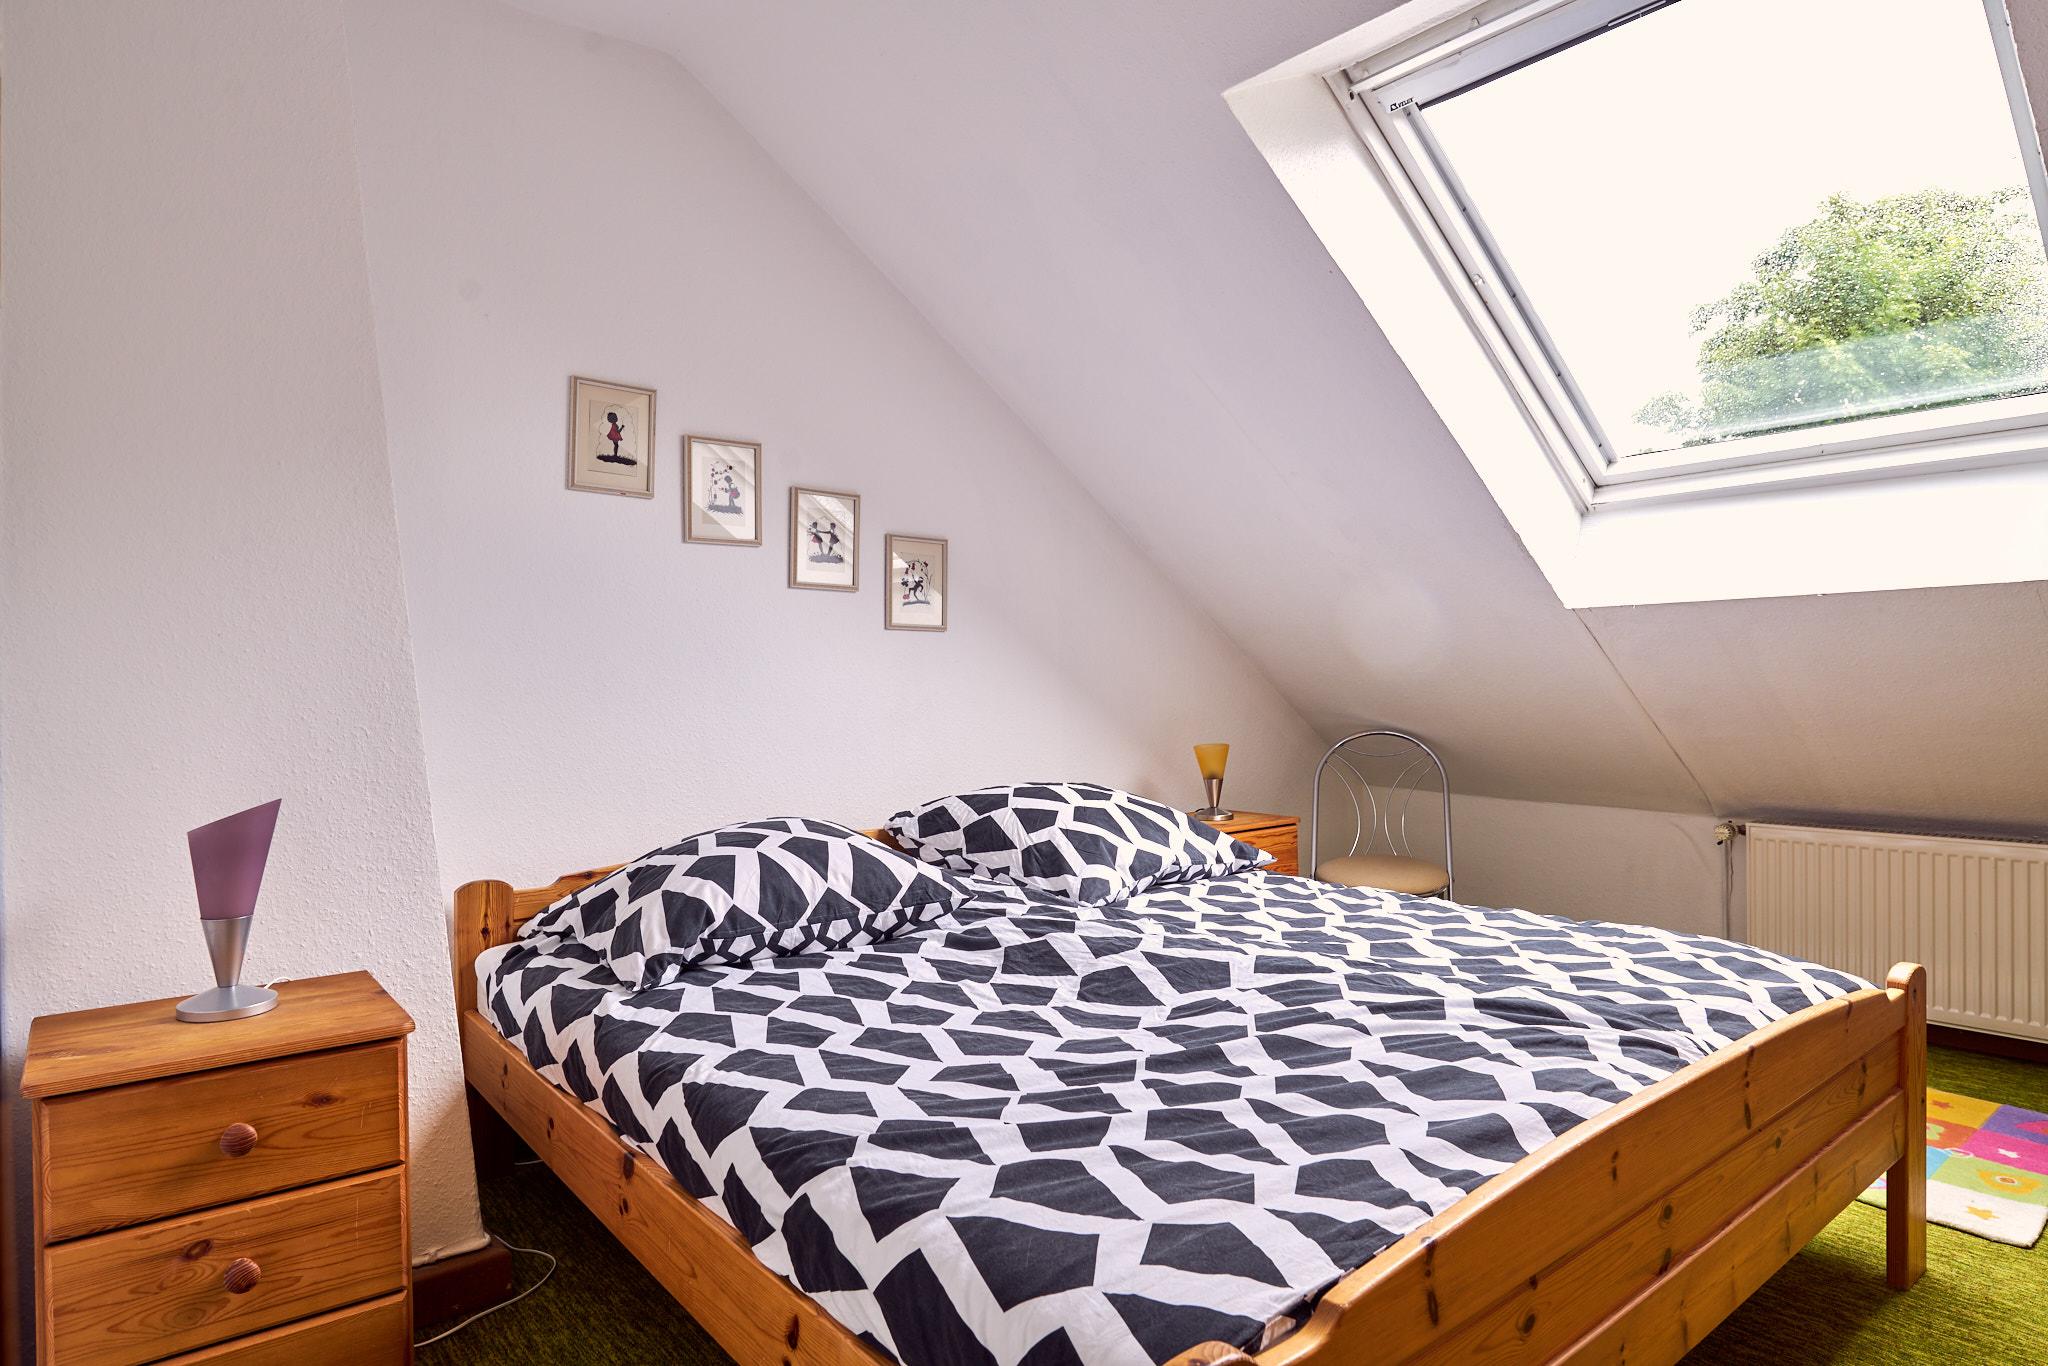 Wohnungseinrichtung schlafzimmer ikea schlafzimmer impressionen hochwertige komplett verholt - Hochwertige schlafzimmer ...